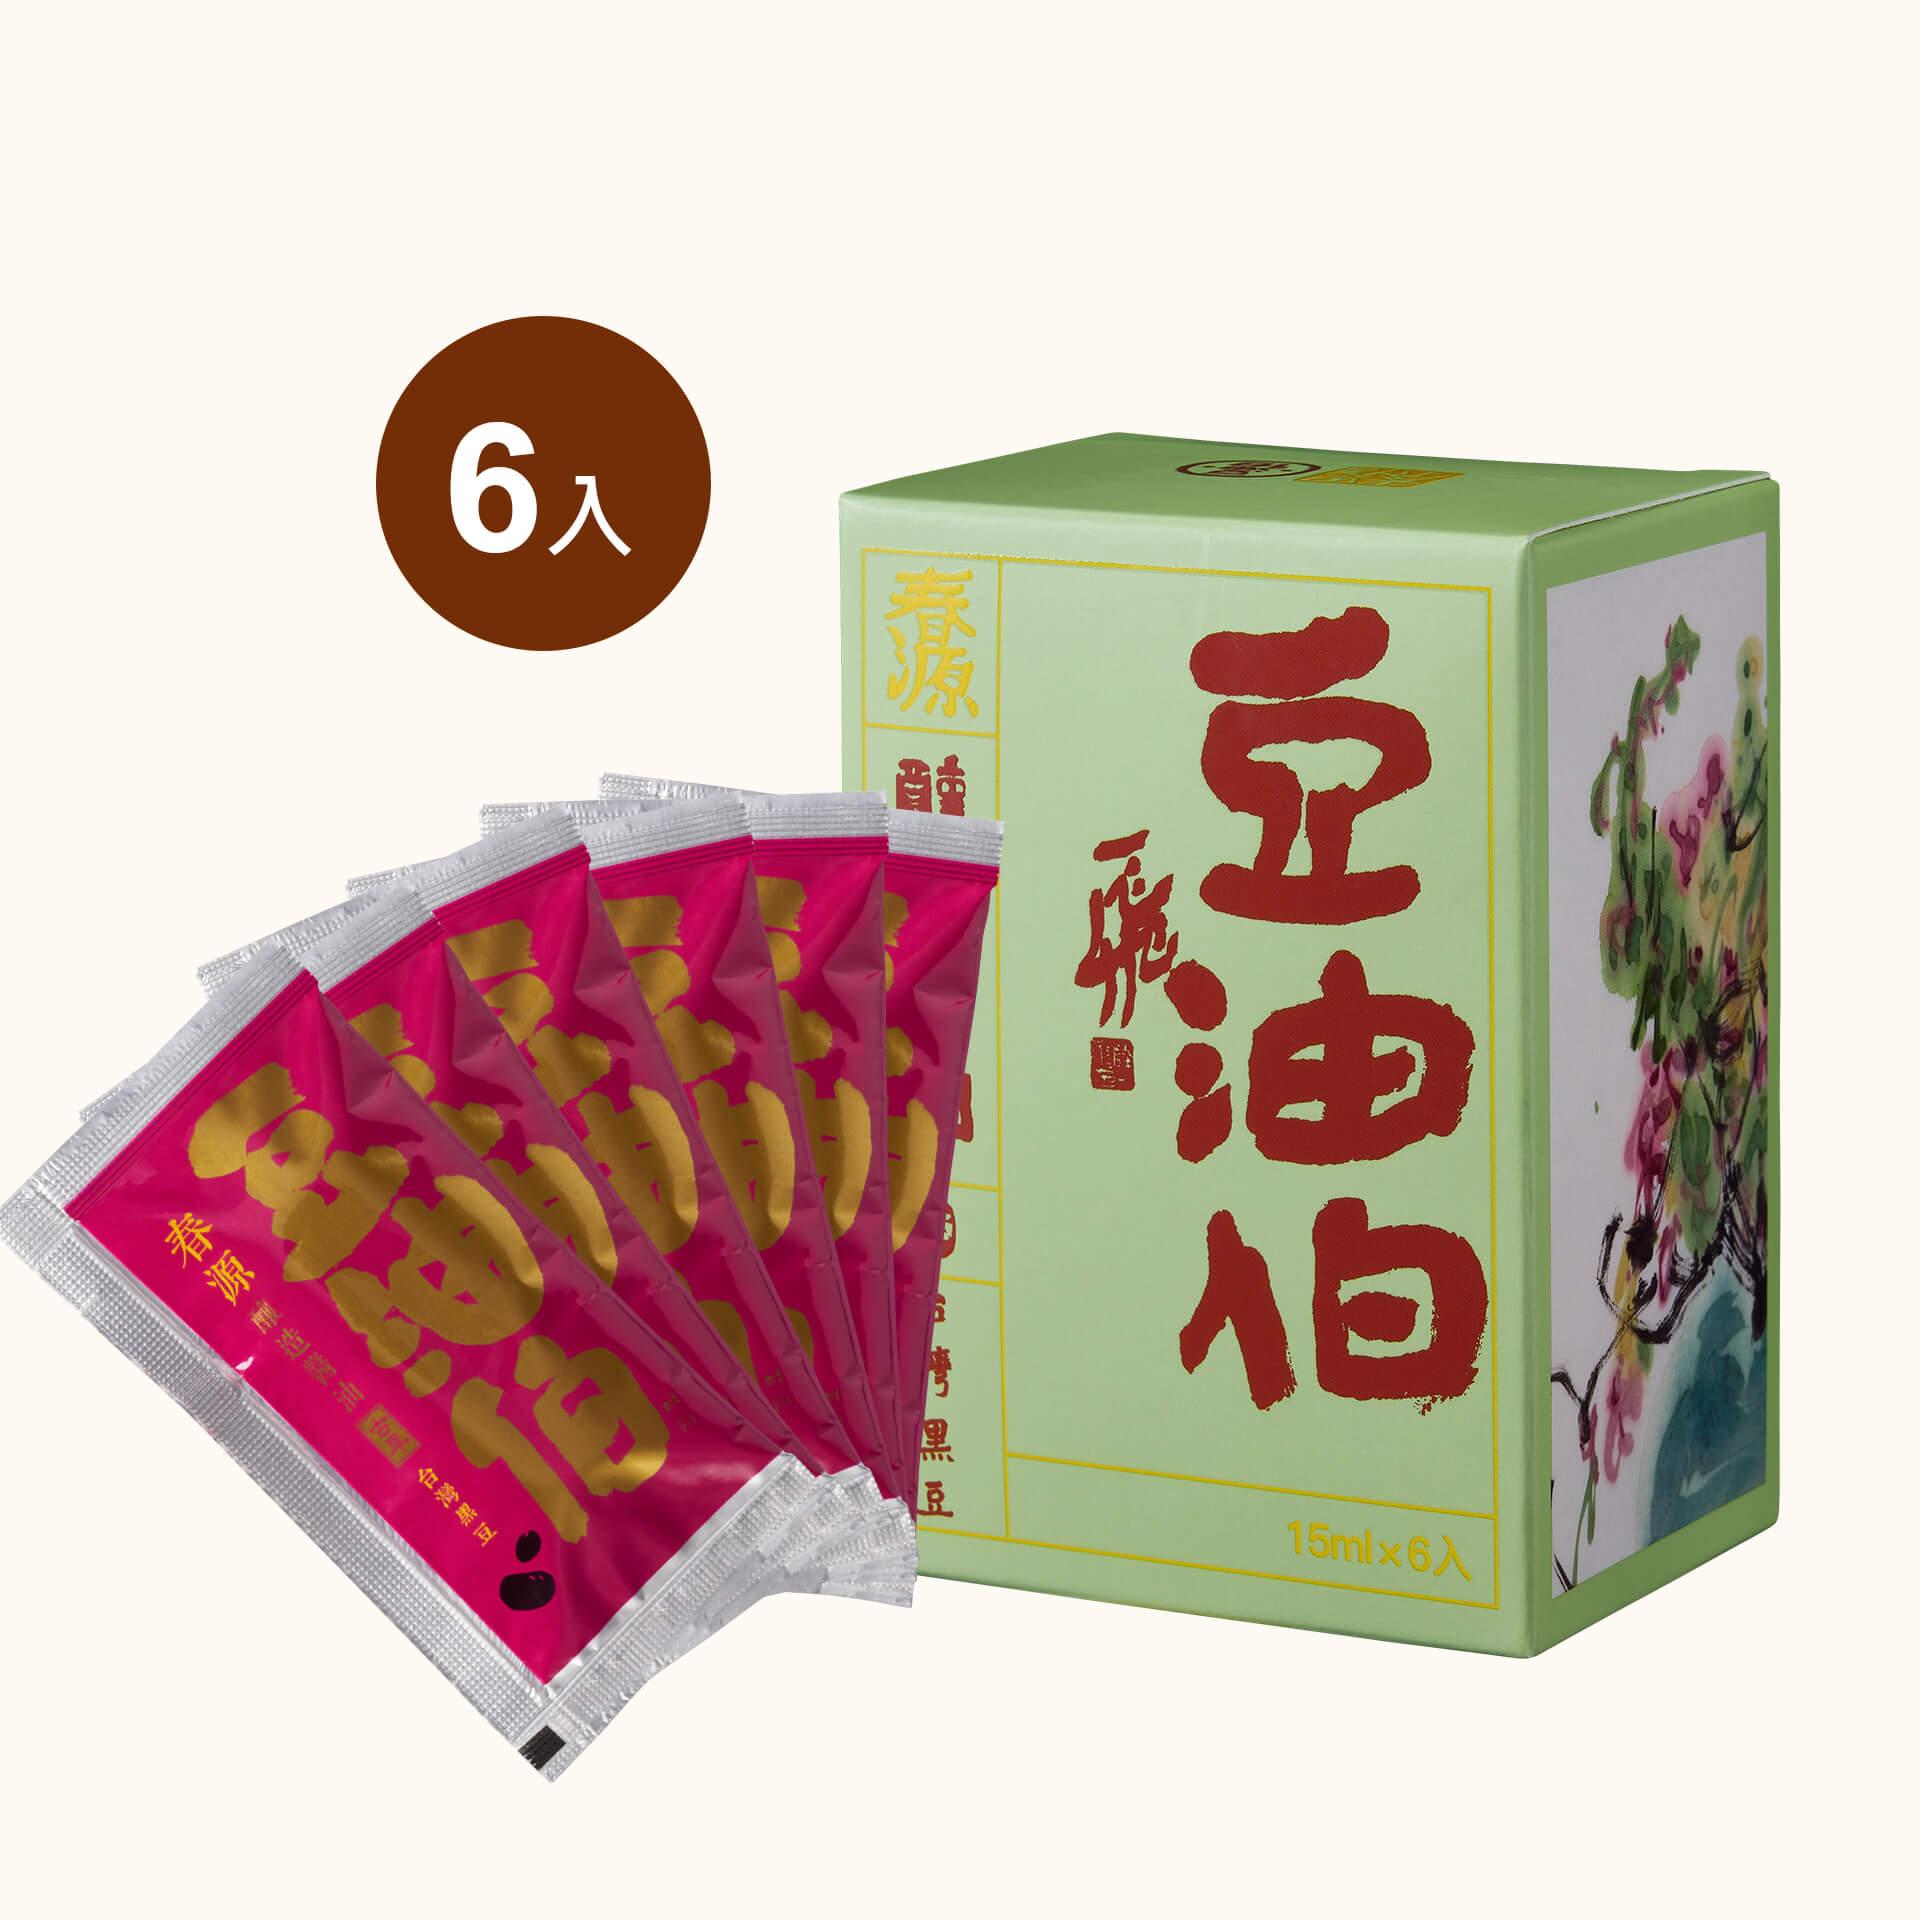 【加購】豆油伯春源釀造醬油(6入隨身包)